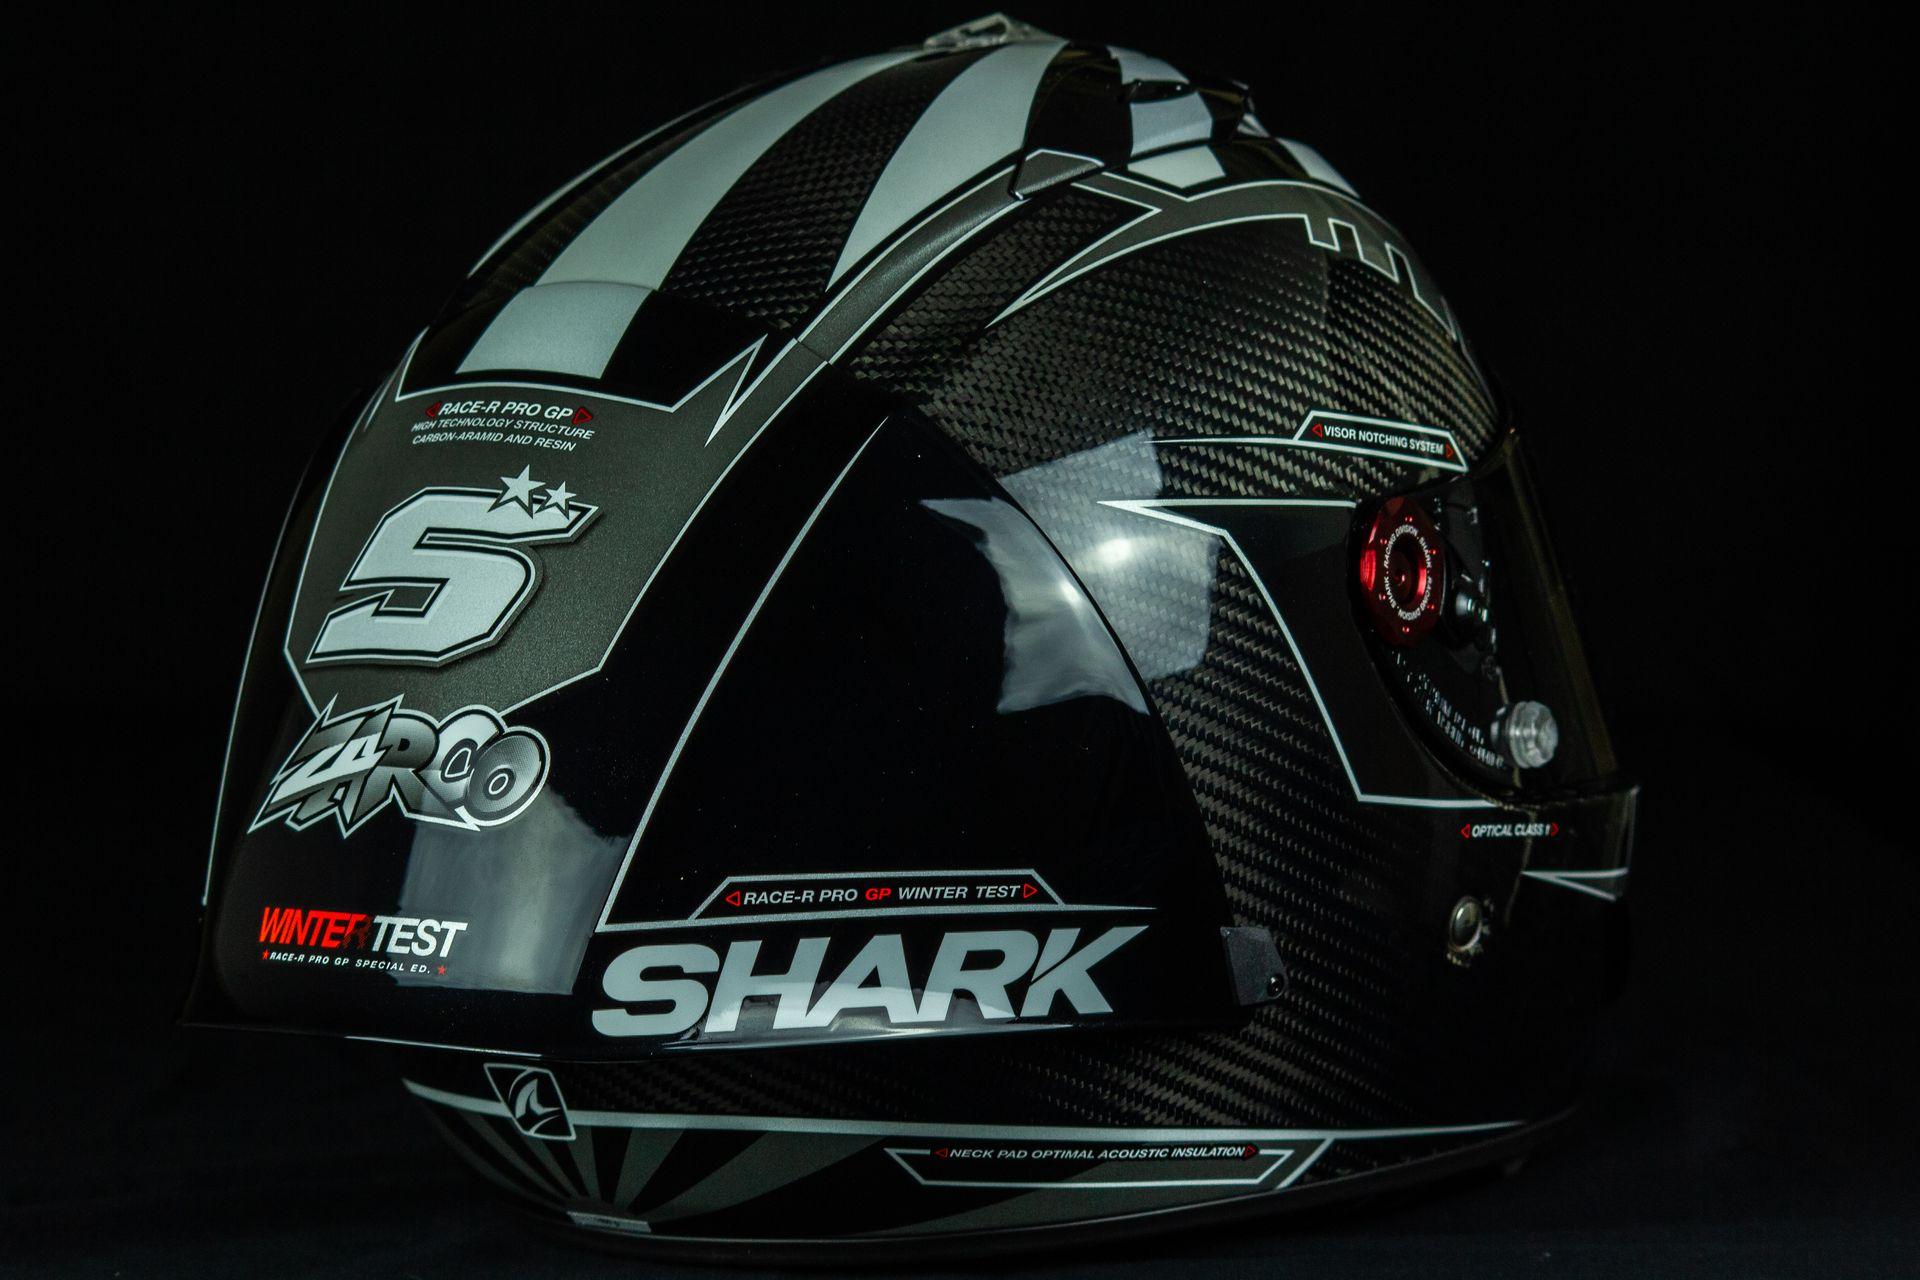 Spoiler arrière du casque Shark Race-R Pro GP...